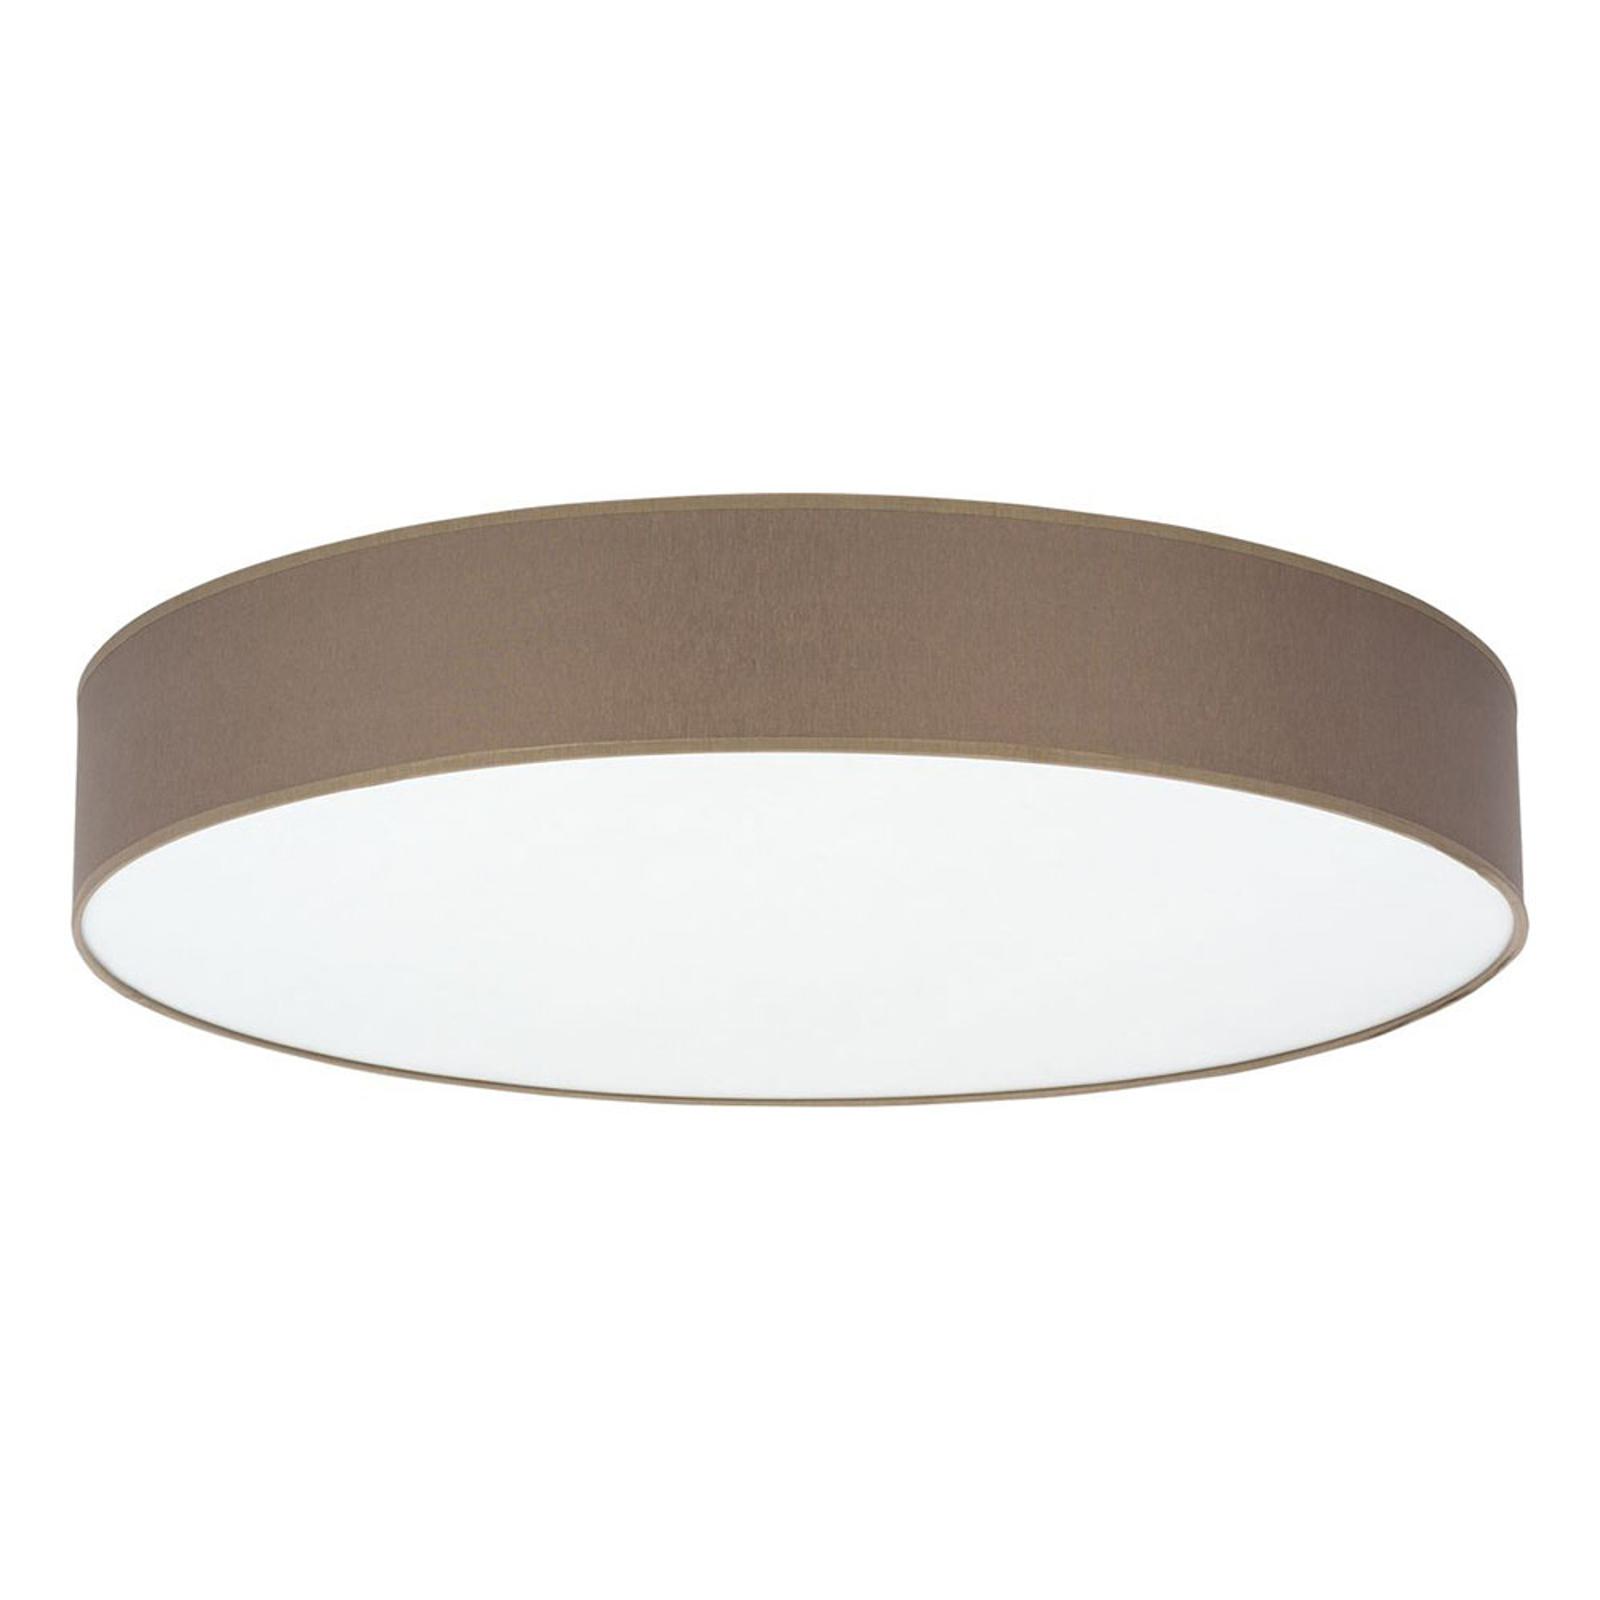 Lampa sufitowa Rondo, Ø 80 cm, brązowa